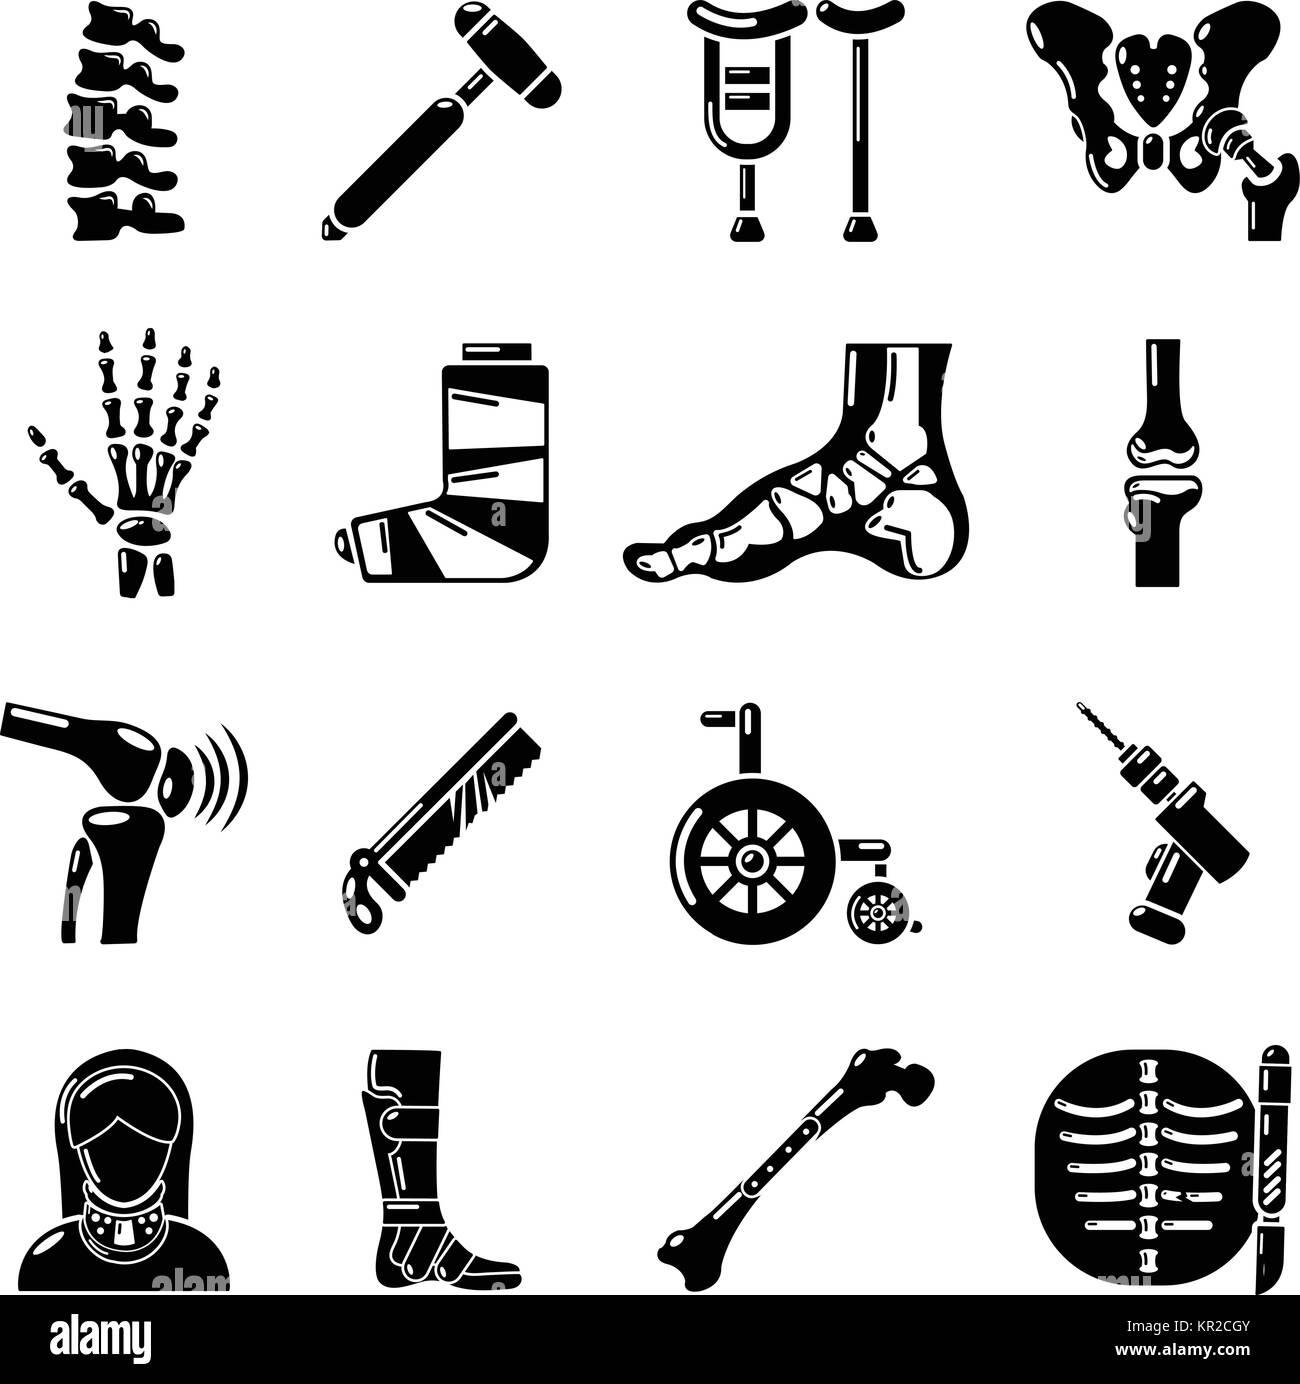 Orthopedist bone tools icons set, simple style - Stock Image